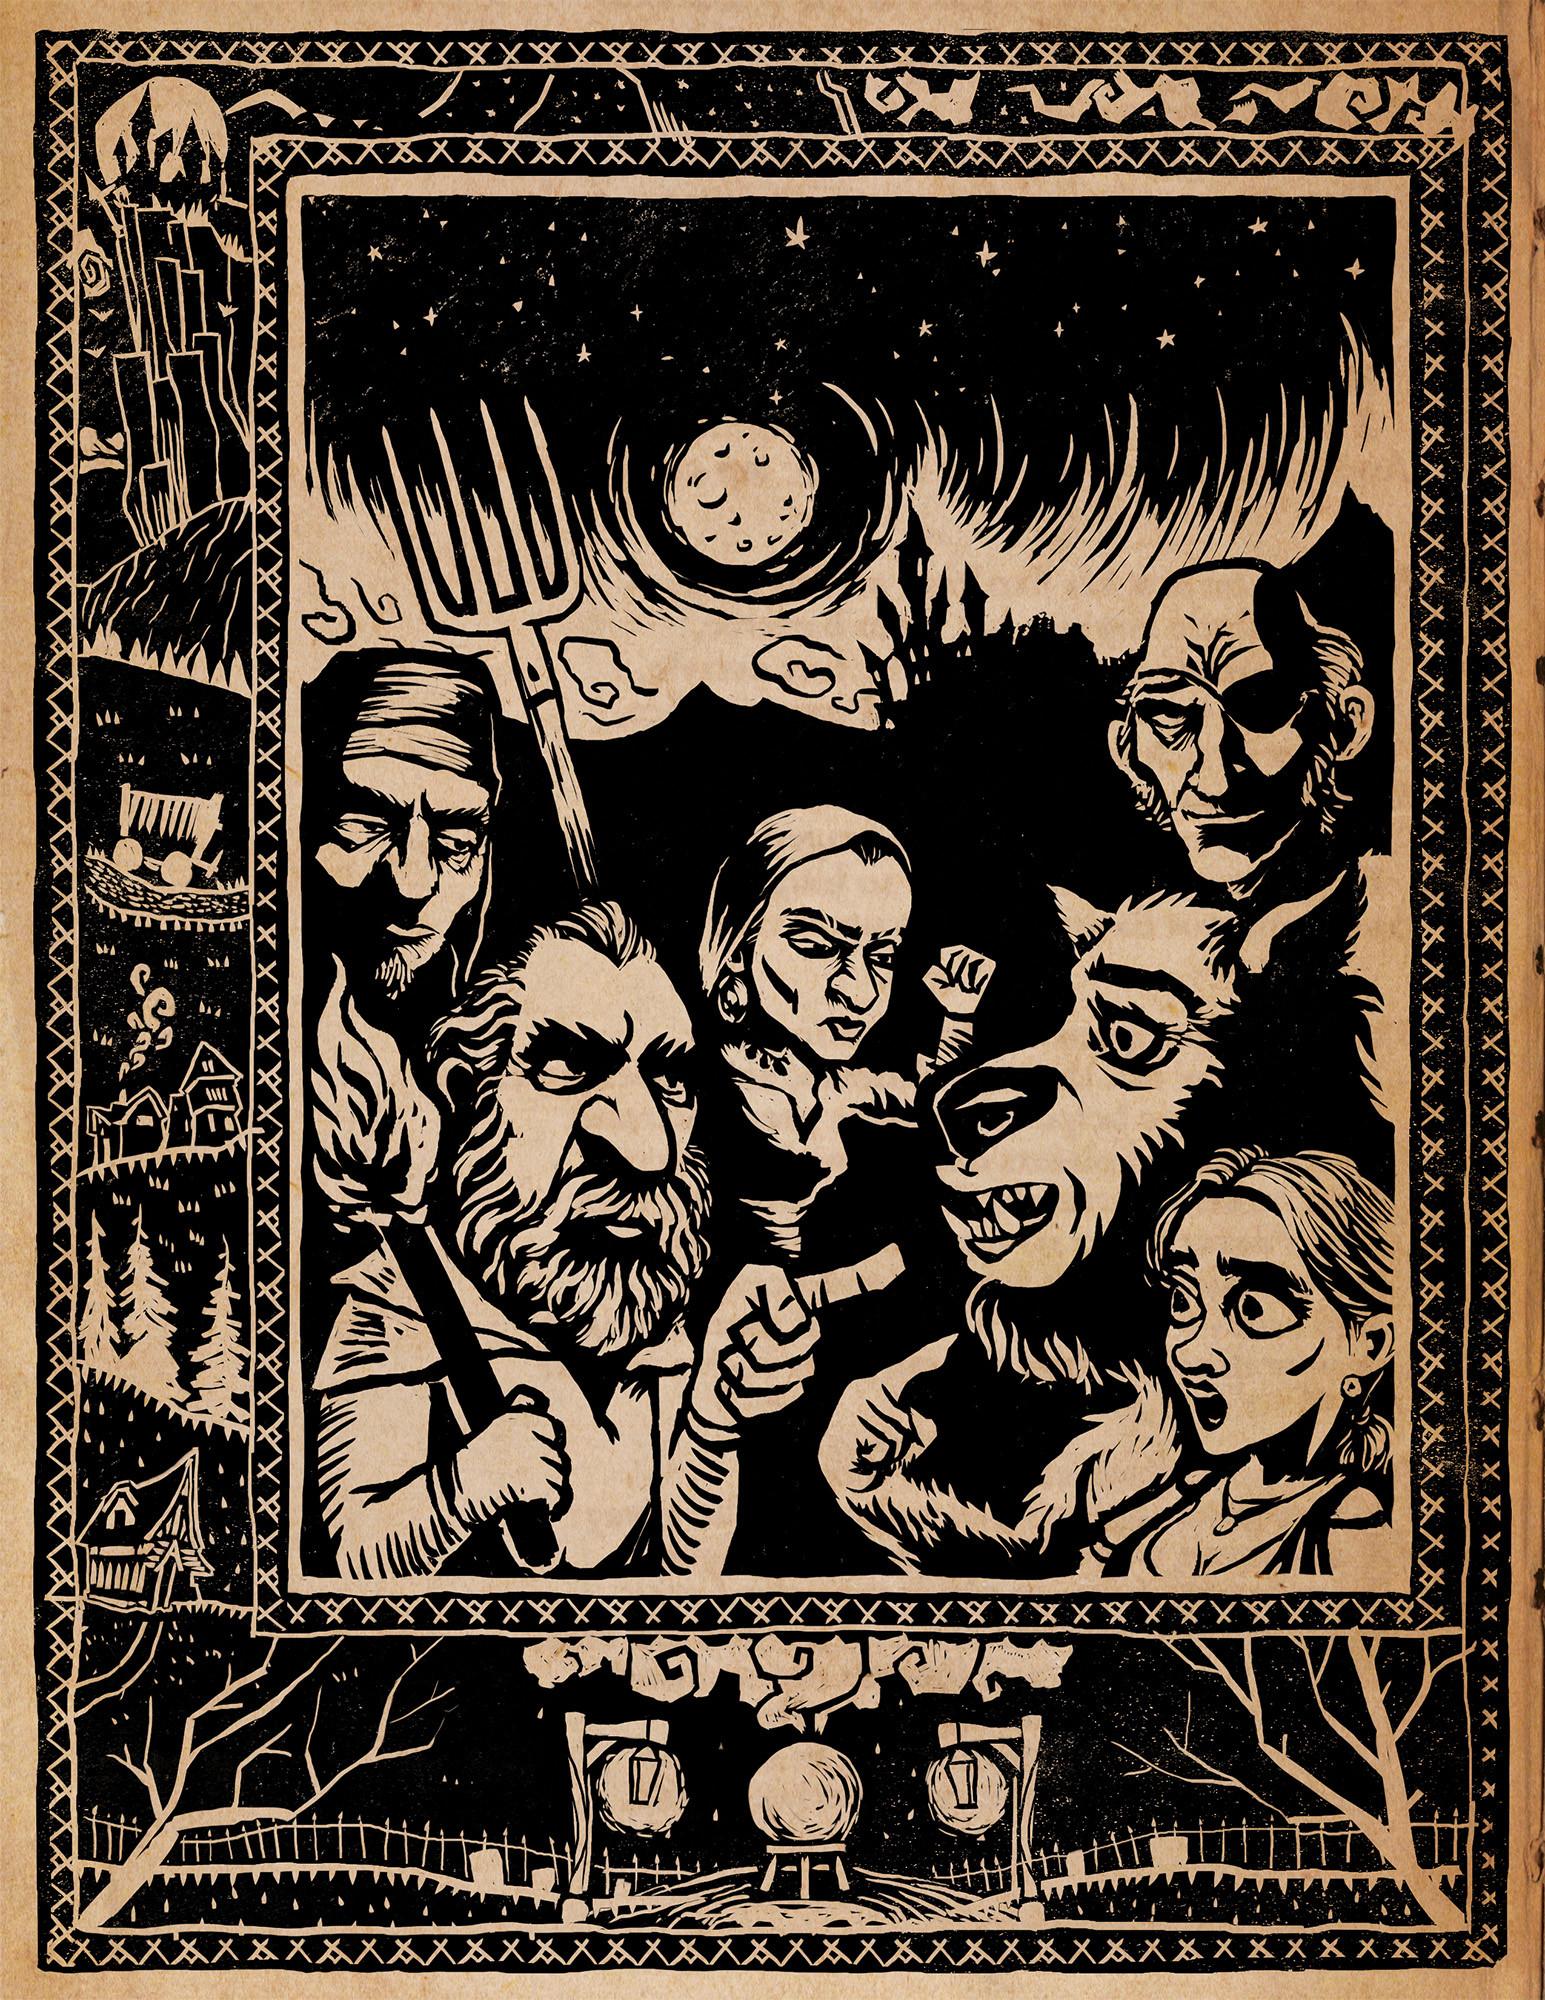 Illustration for Menu - border art by Sebastien Lienard